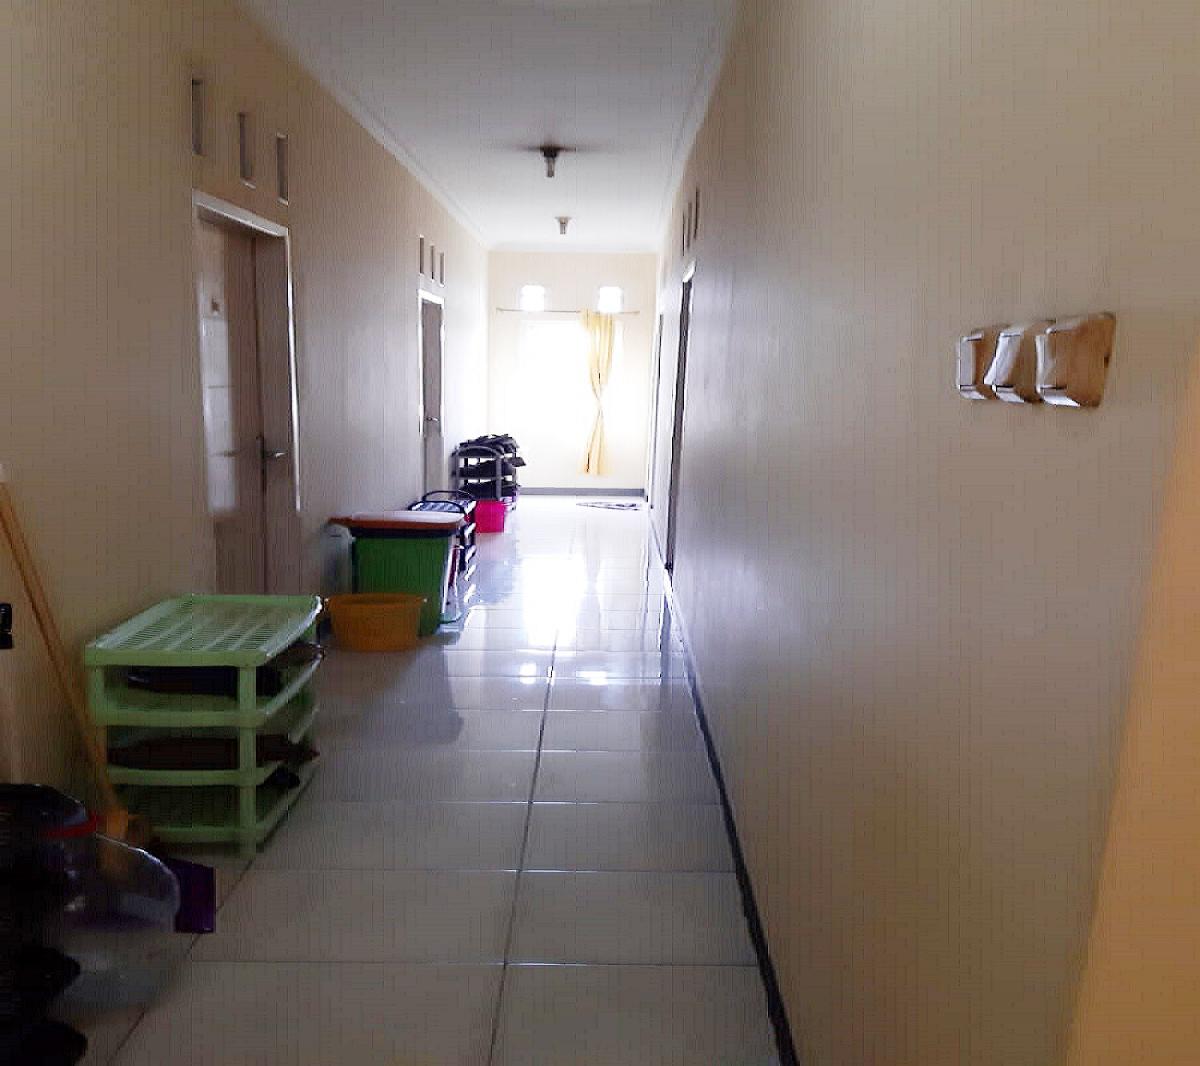 Dijual Rumah Kost 16 Kamar dan Salon di Jatiwarna Kota Bekasi Dekat Taman Mini - 7